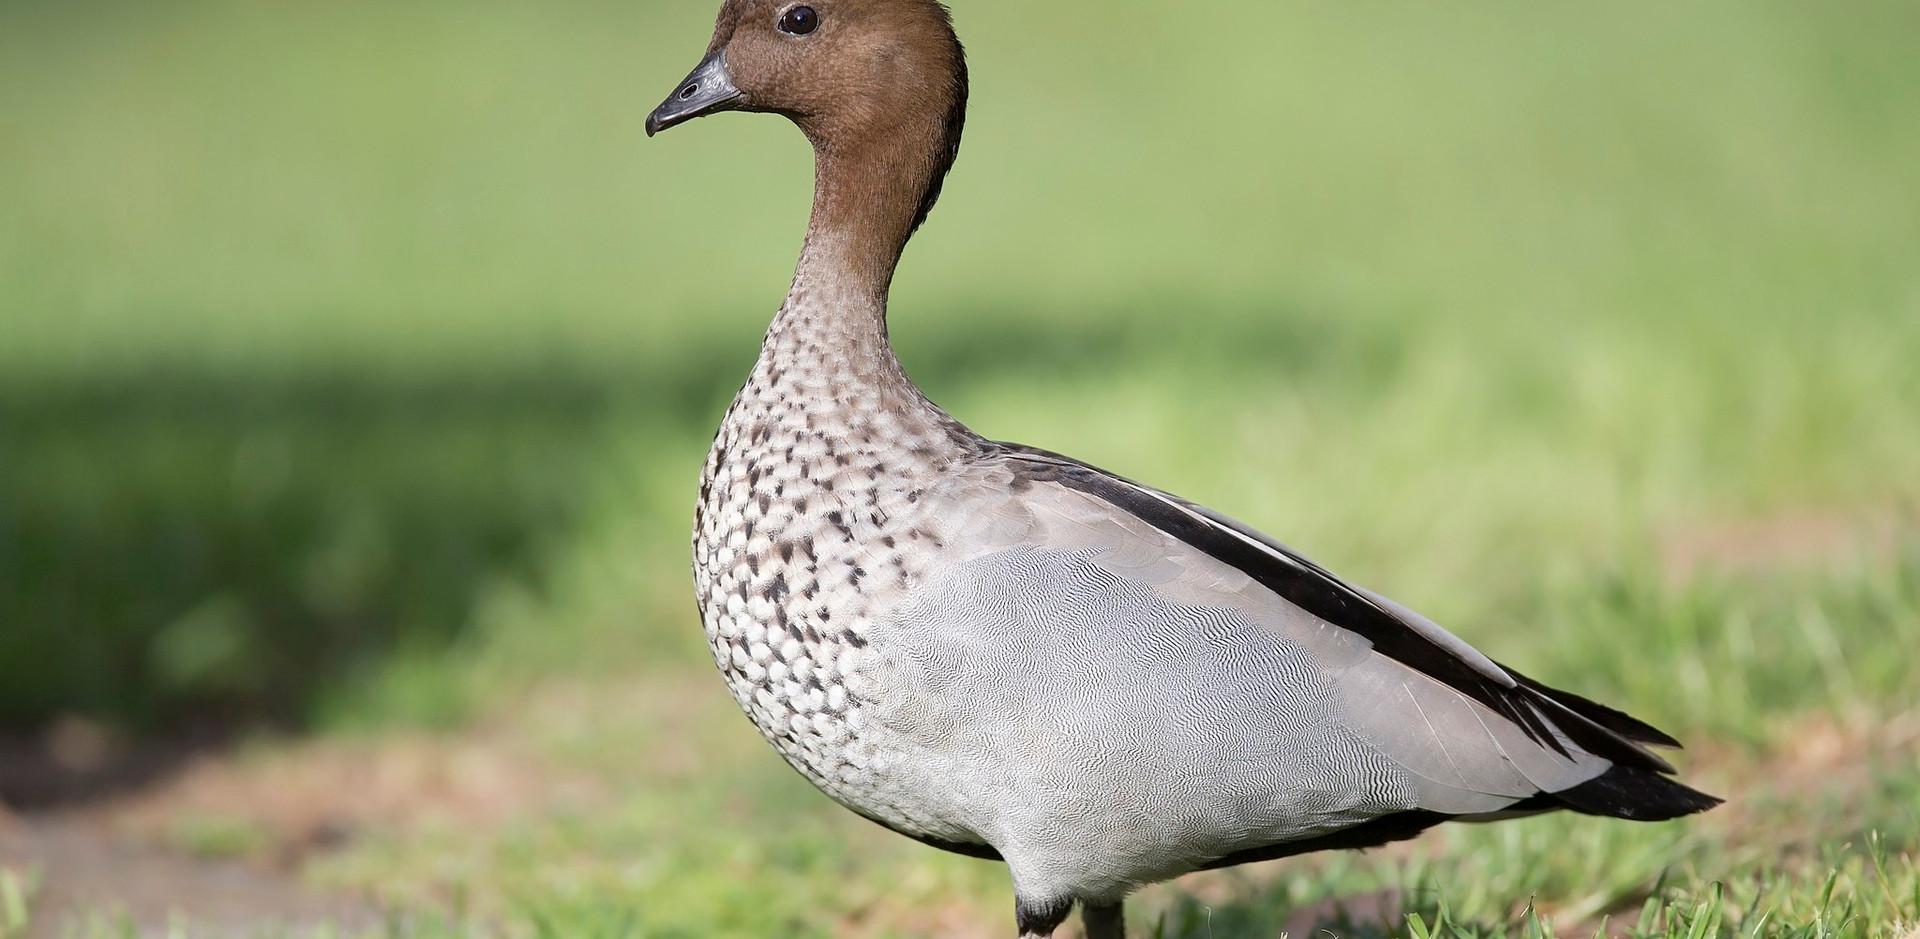 Male Australian Wood Duck